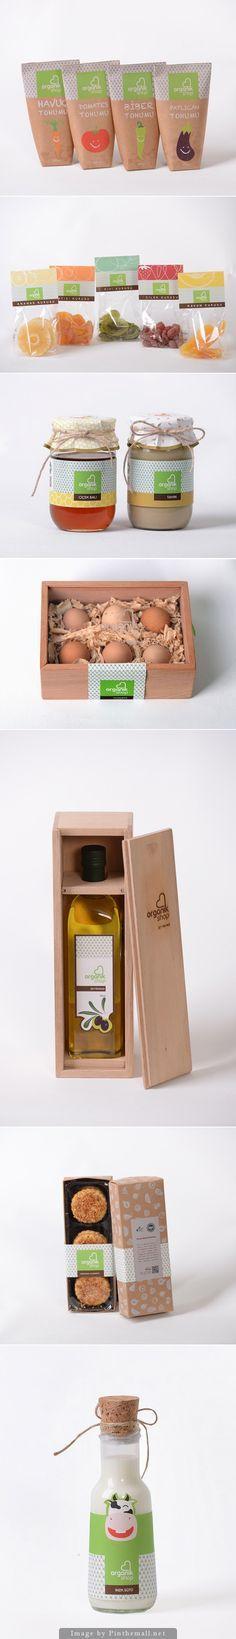 organic shop - food packaging